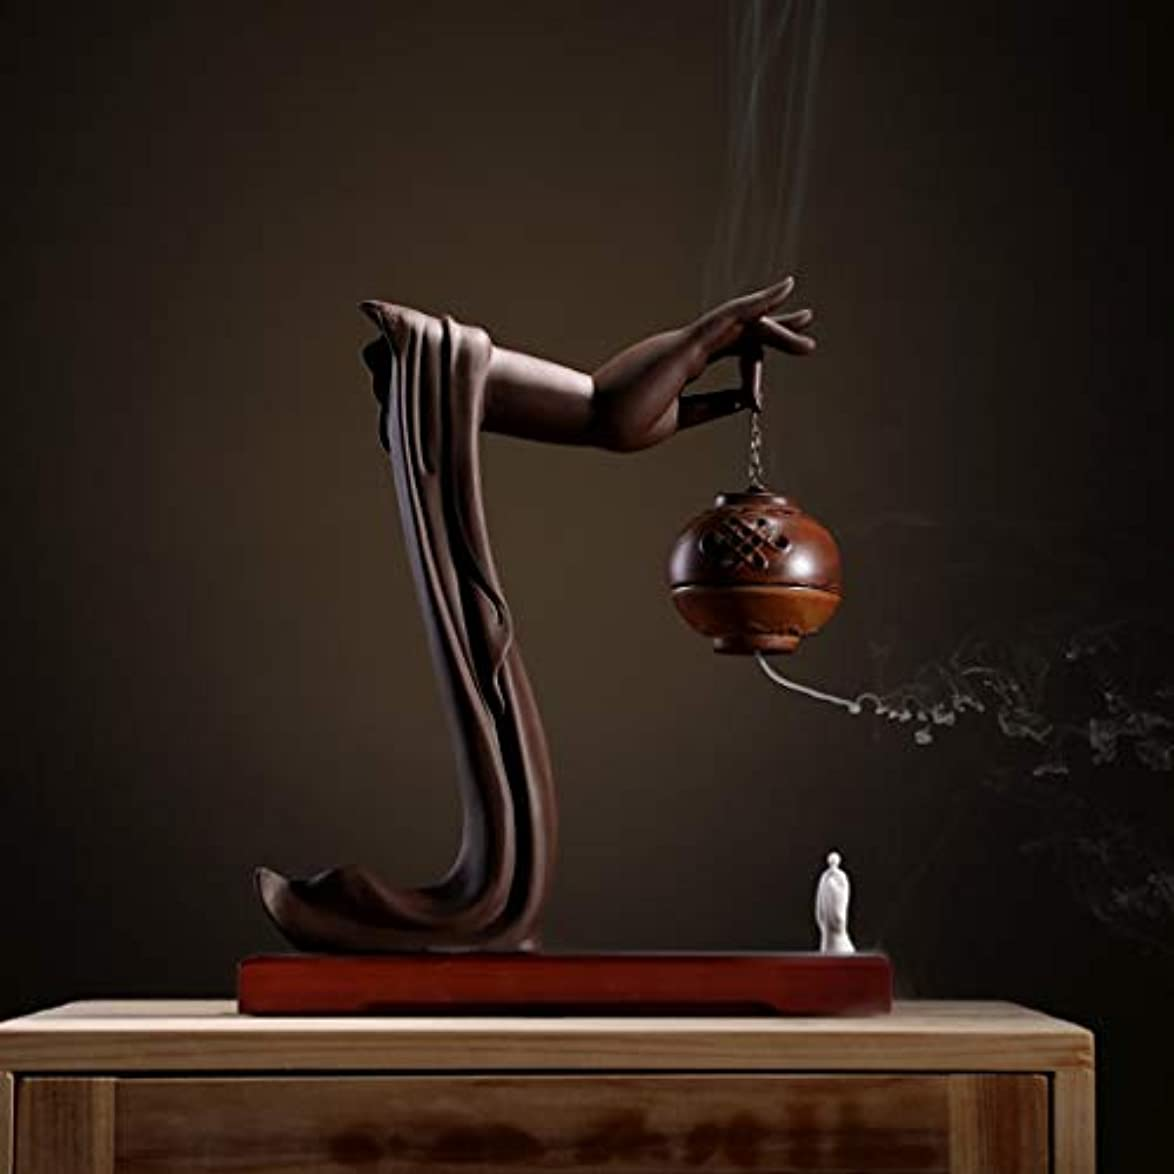 ストライク部分的に輸血手動逆流香バーナーロータス/僧侶逆流香バーナーコーンコーンブラケットホームデスクトップの装飾L28cm×W9.5cm×H33cm (Color : Brown incense burner)